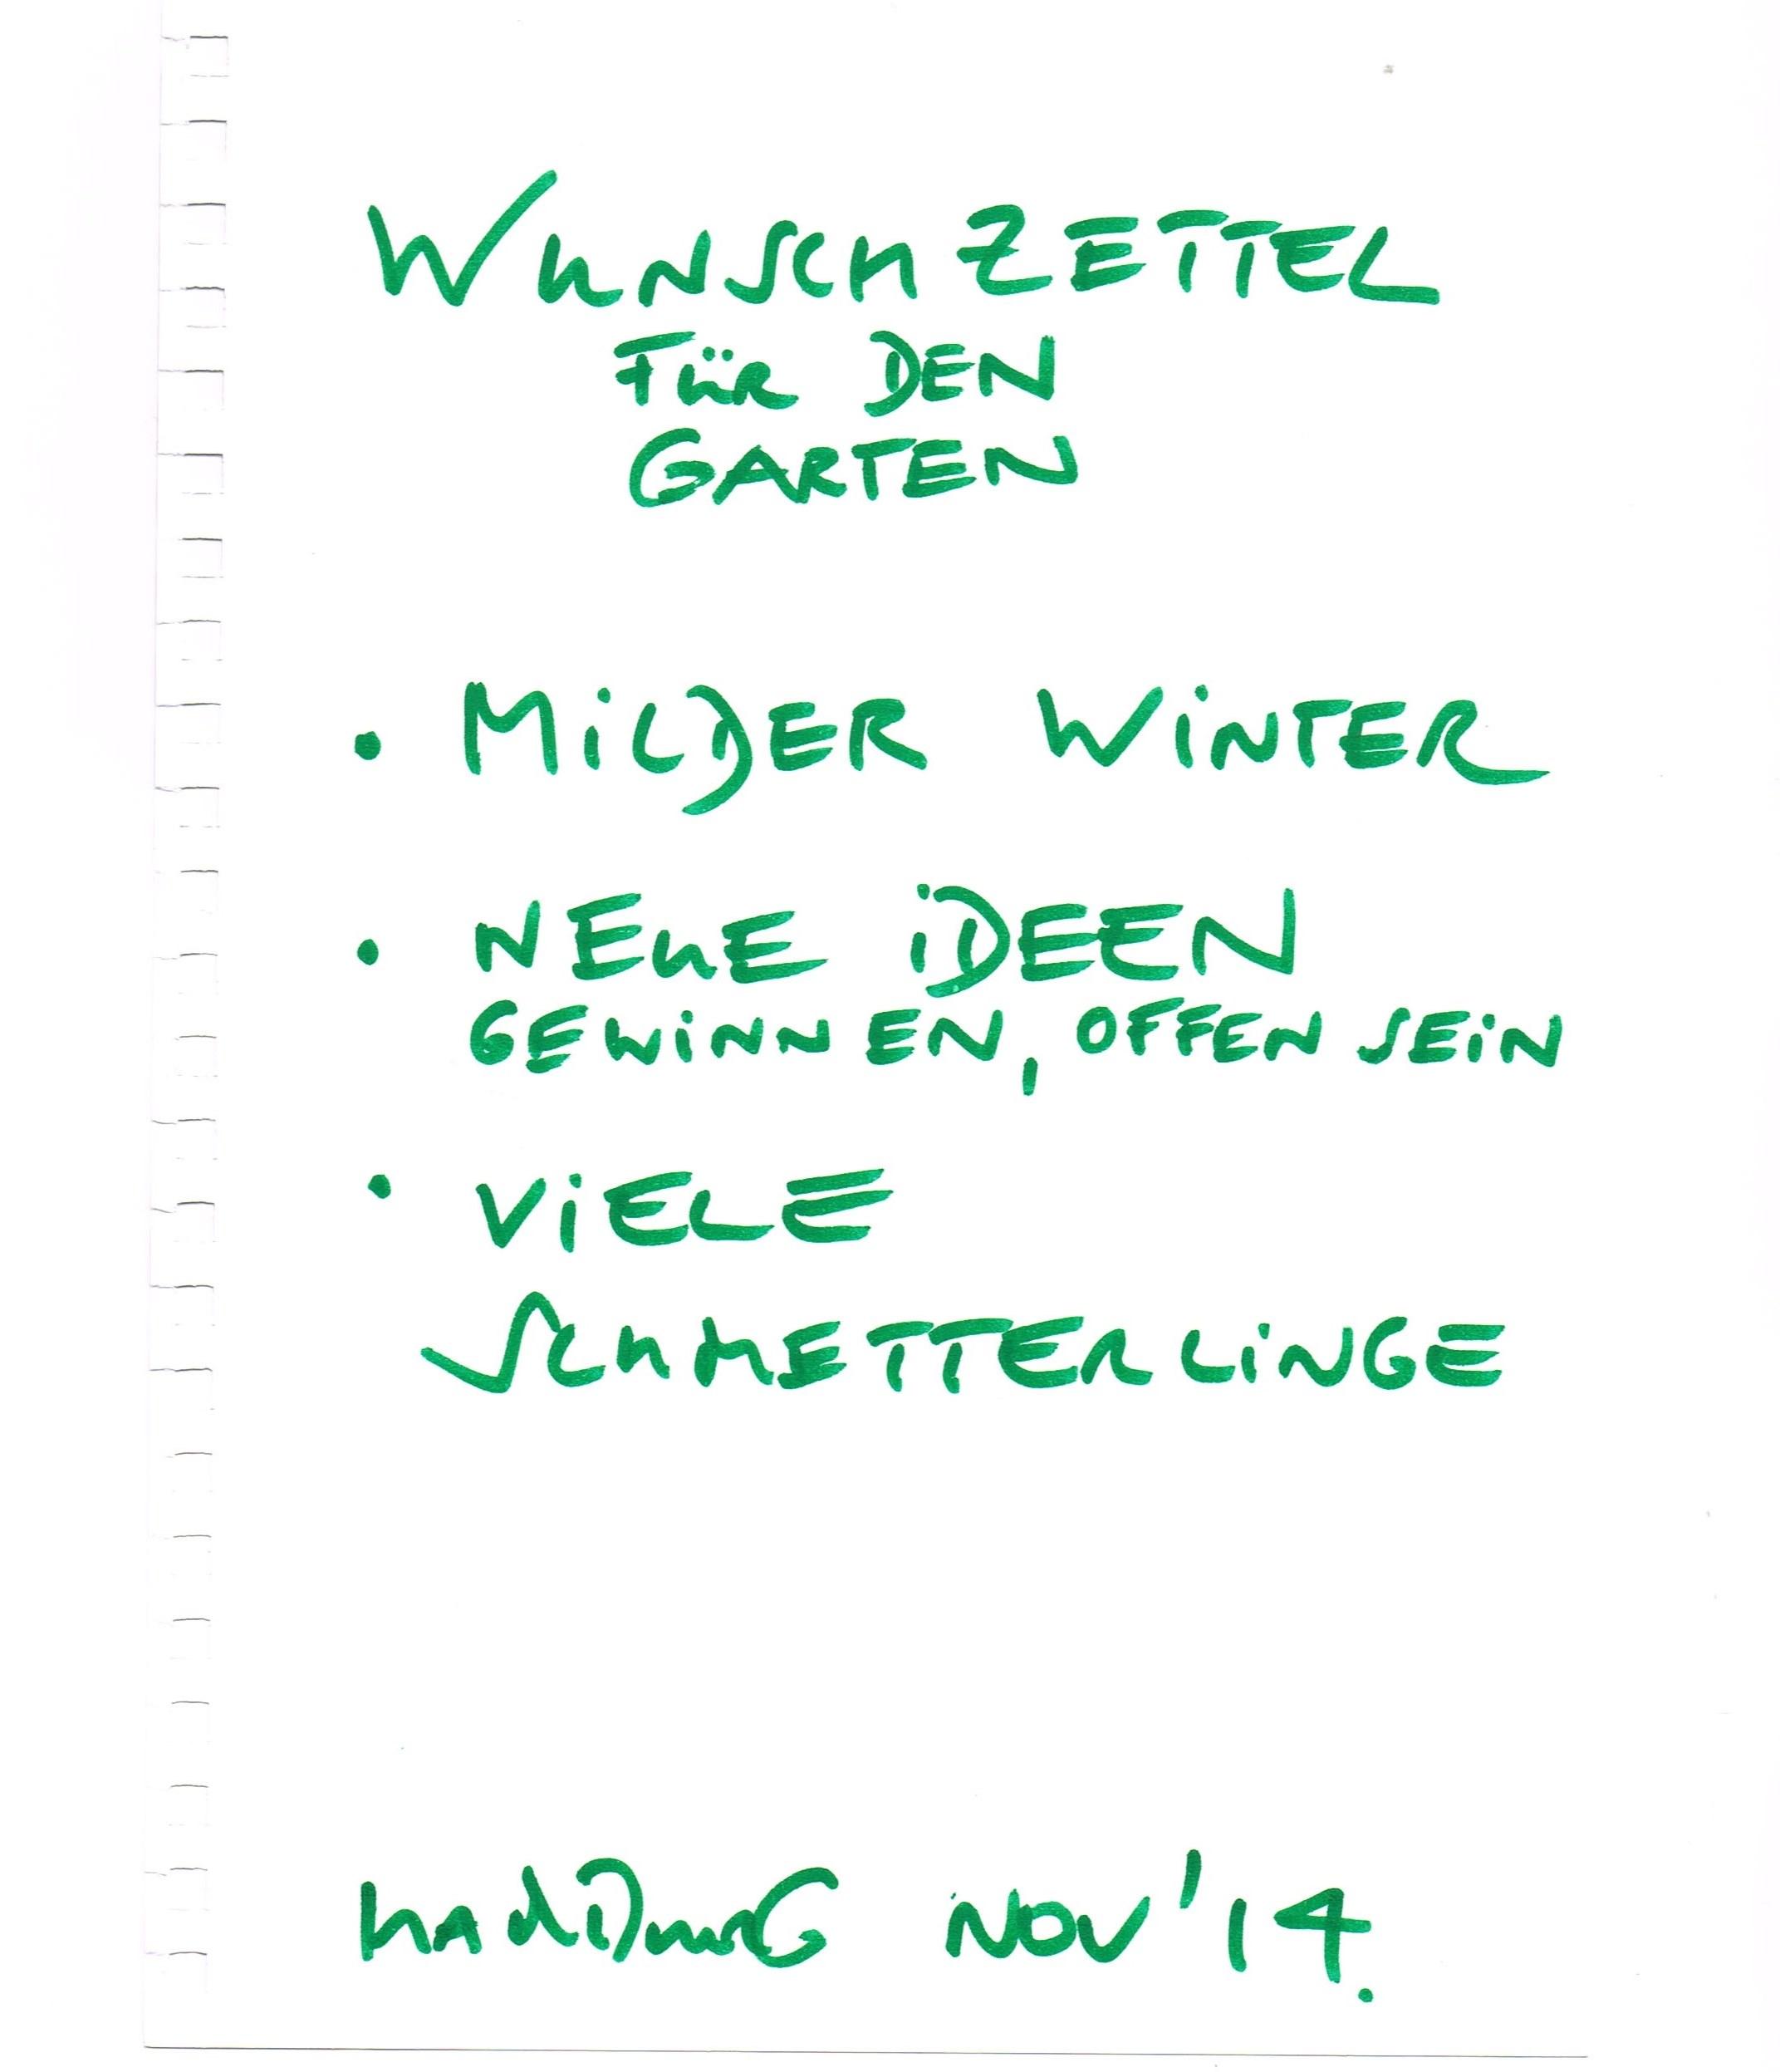 Des g rtners wunschzettel alitex for Friederike von ehren